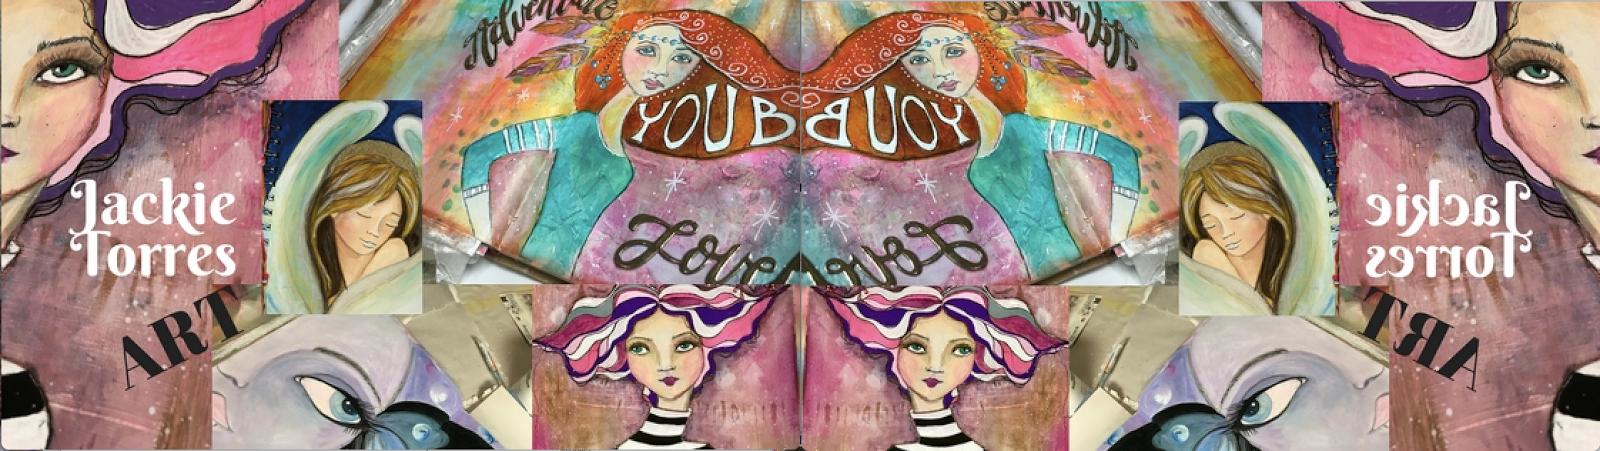 Jackie Torres Art